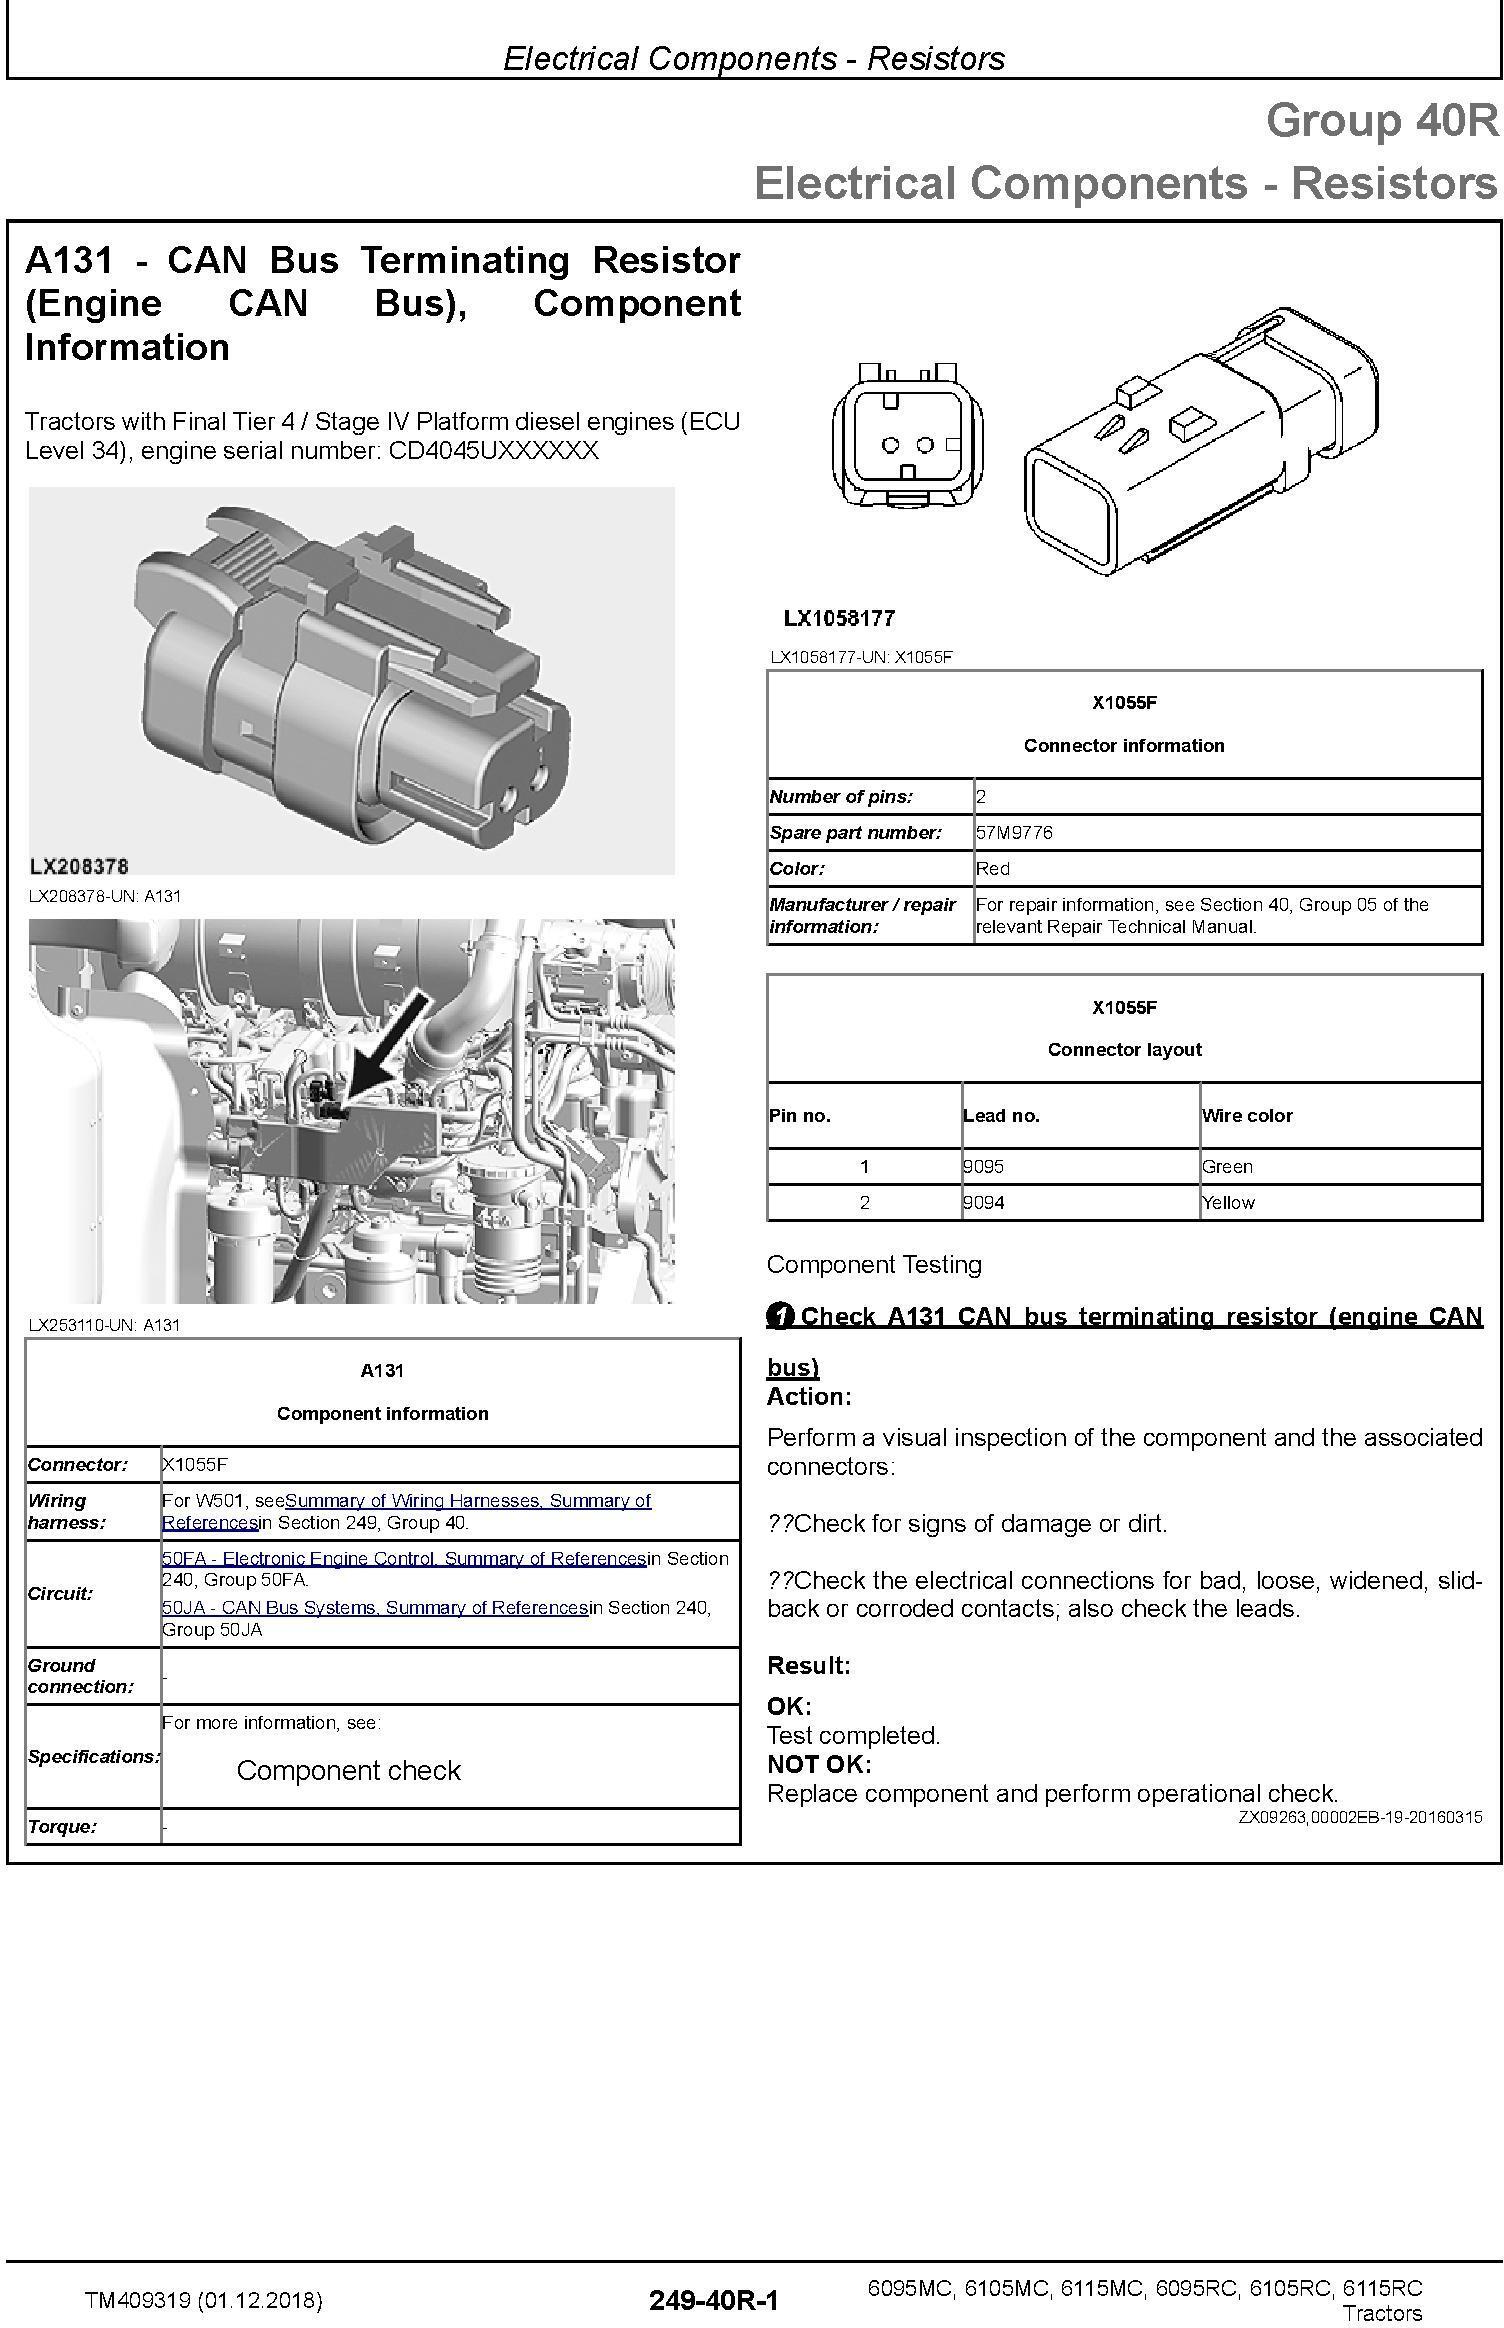 John Deere 6095MC 6105MC 6115MC 6095RC 6105RC 6115RC Tractors MY2016-17 Diagnostic Manual (TM409319) - 2